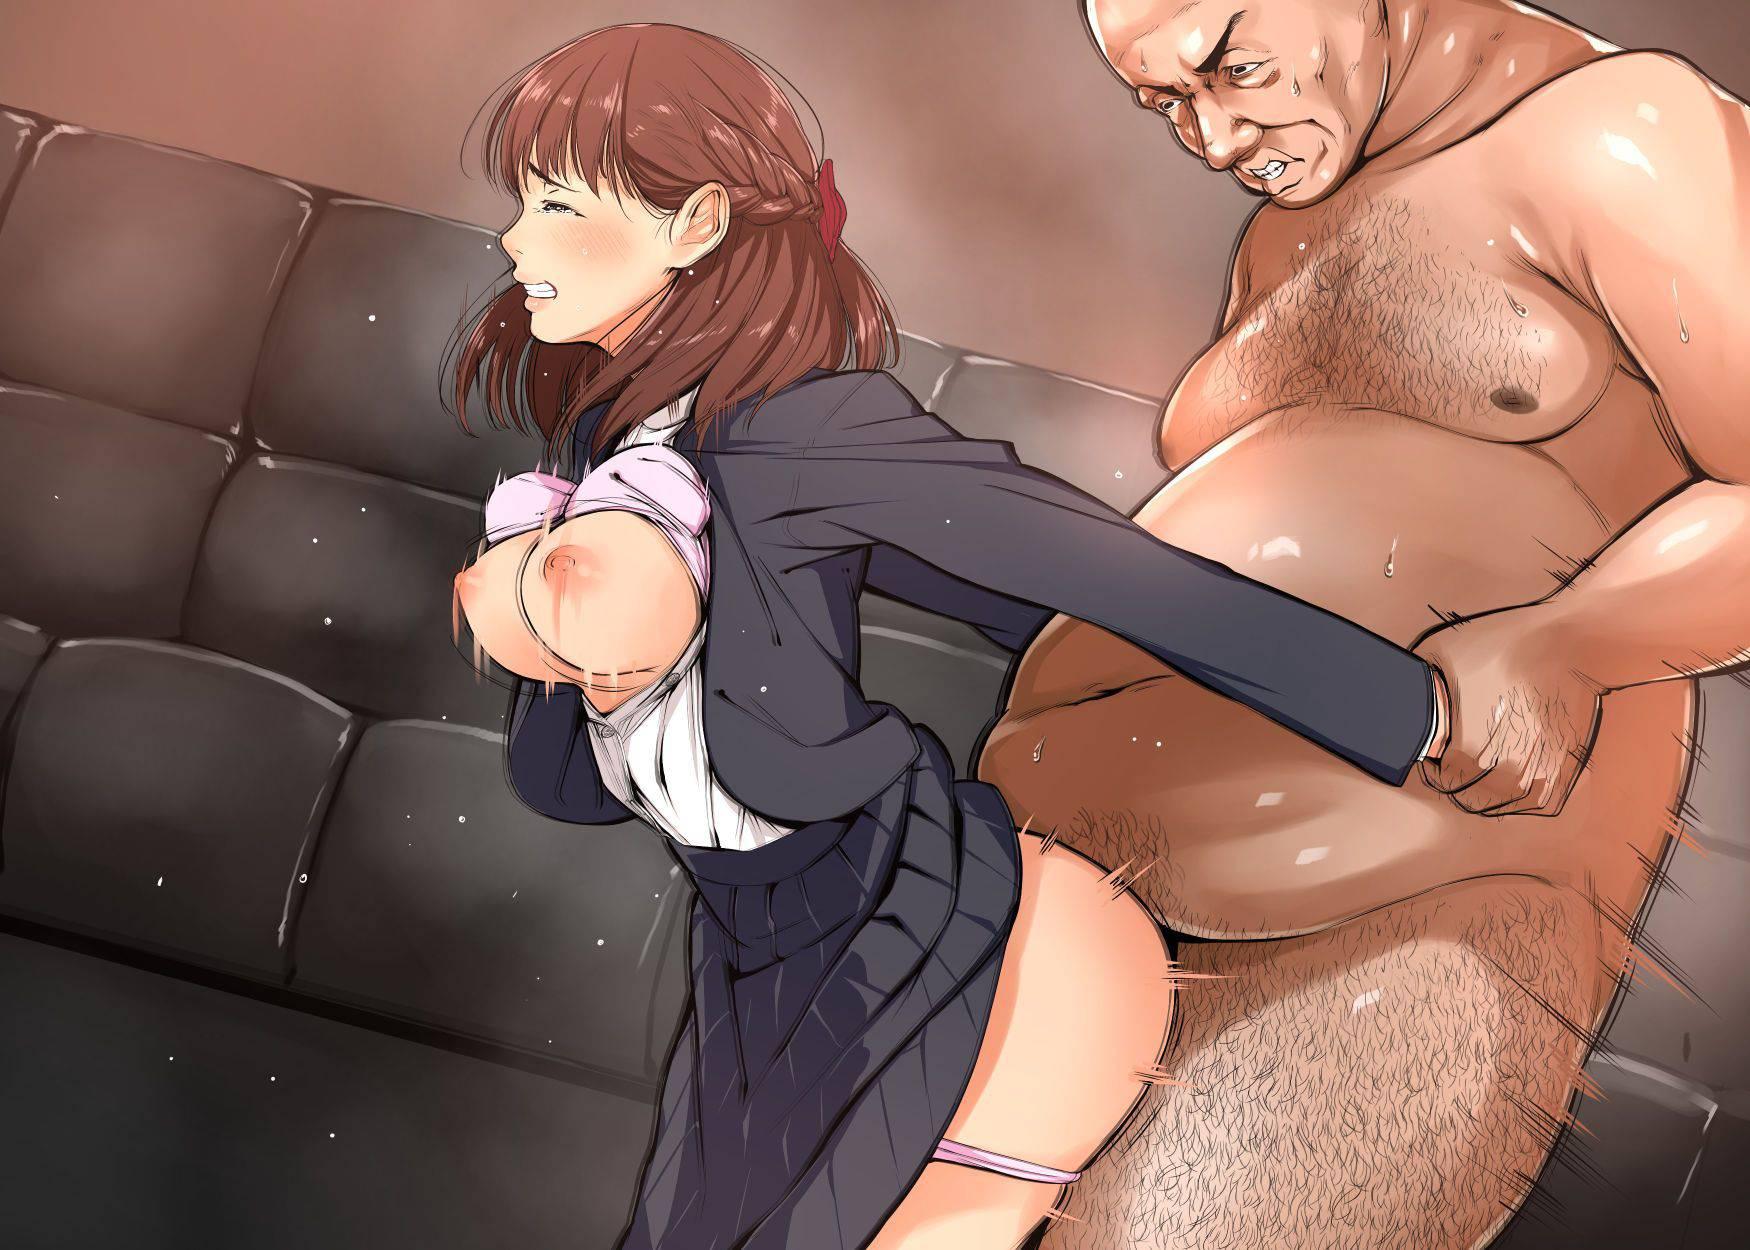 【乳揺れ】巨乳の女の子がバックで犯されオッパイがブルンブルンしてる二次エロ画像【30】